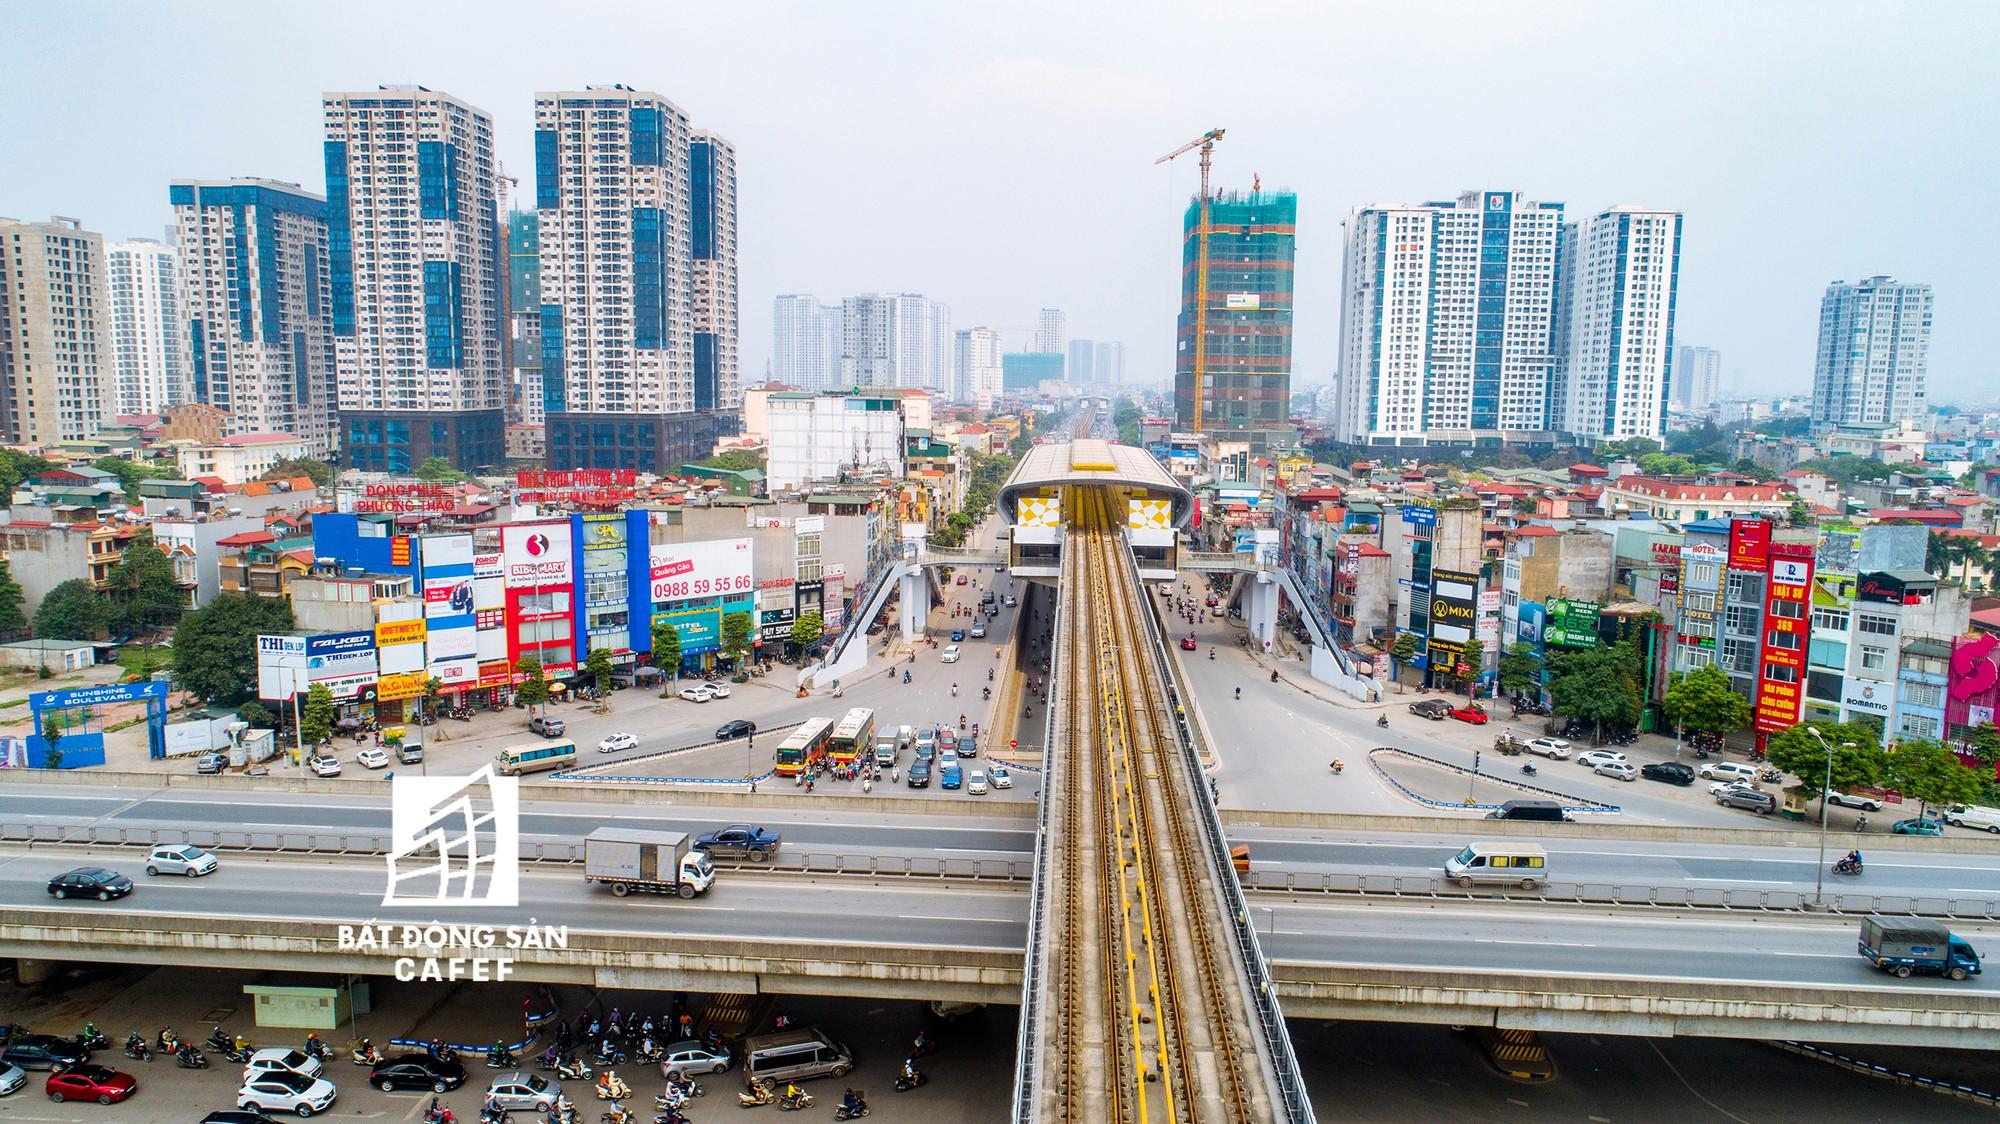 """Toàn cảnh """"rừng"""" cao ốc đang bóp nghẹt khu đô thị kiểu mẫu bậc nhất Hà Nội - Ảnh 8."""